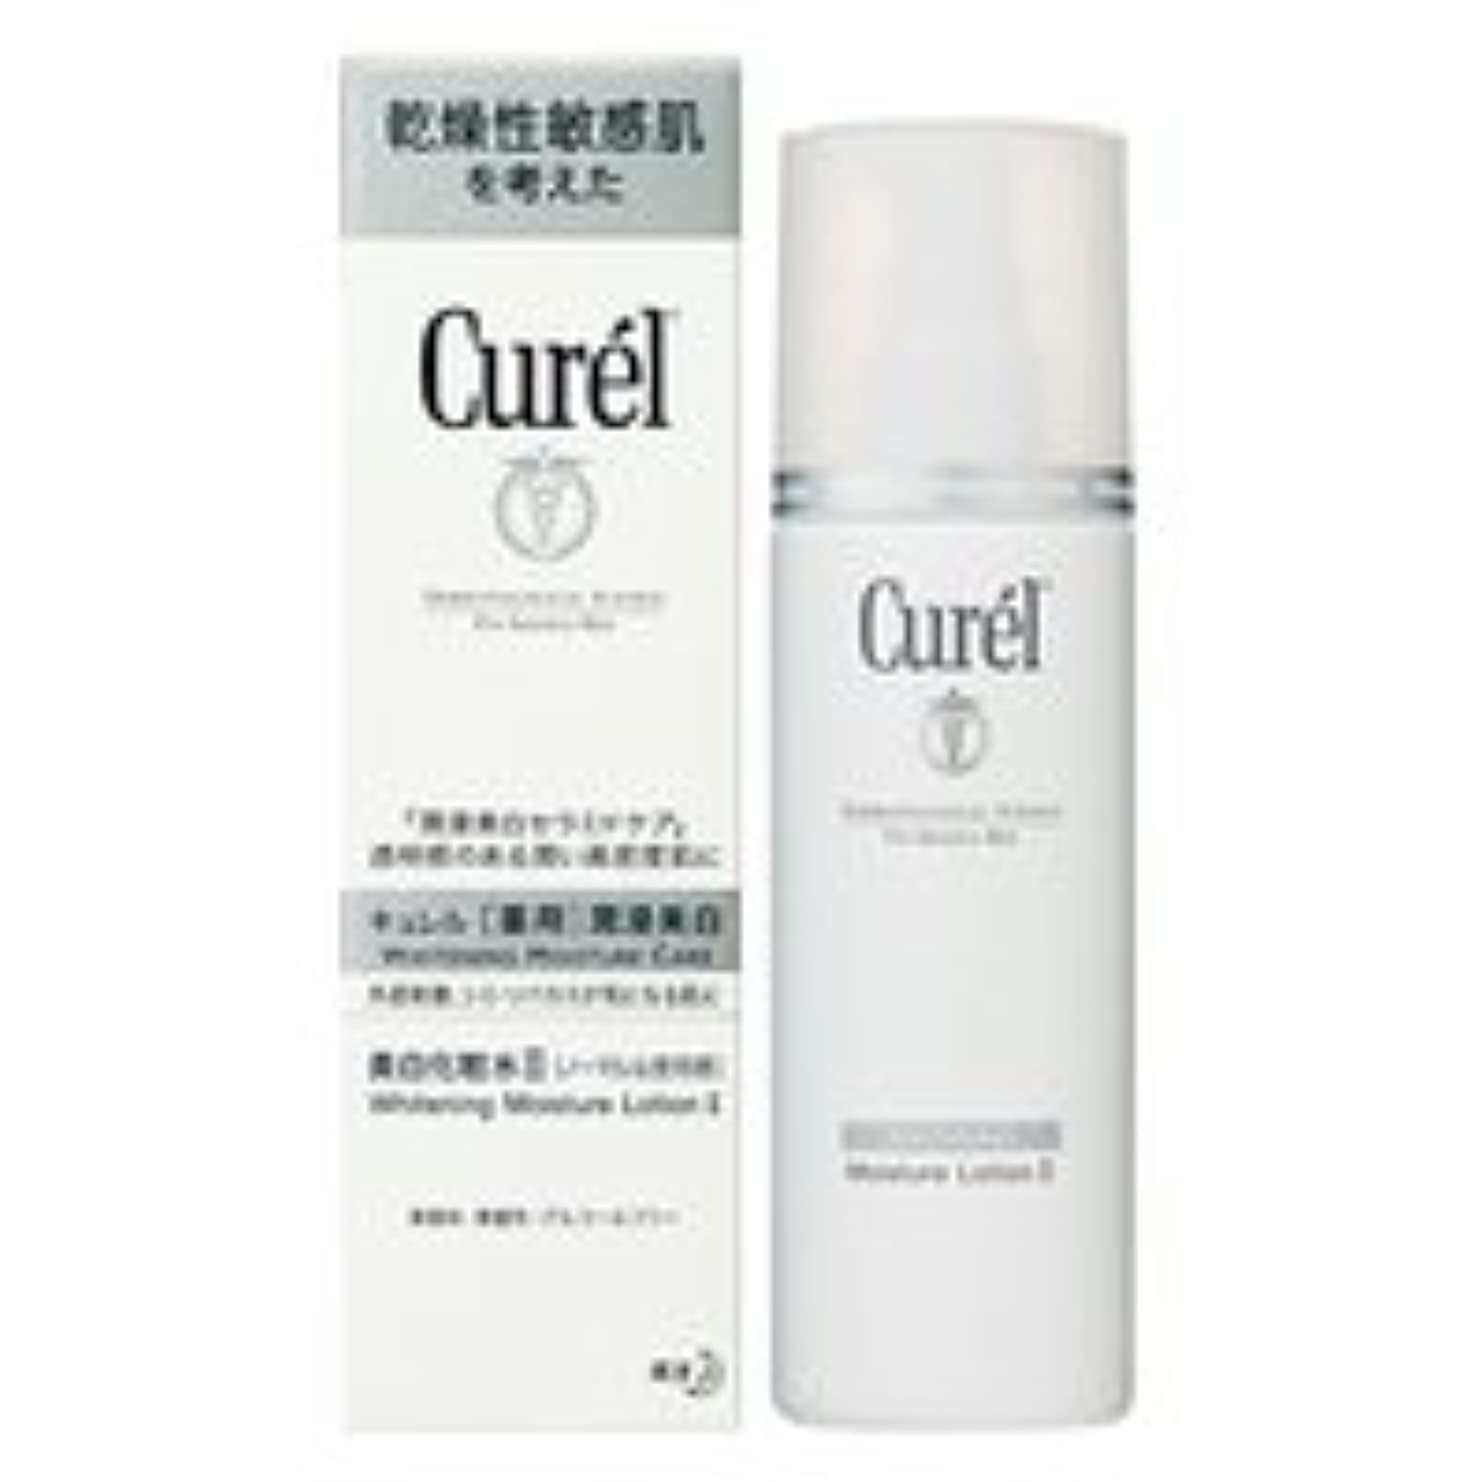 第二に球状ウィザード花王 キュレル美白化粧水2(ノーマルな使用感)